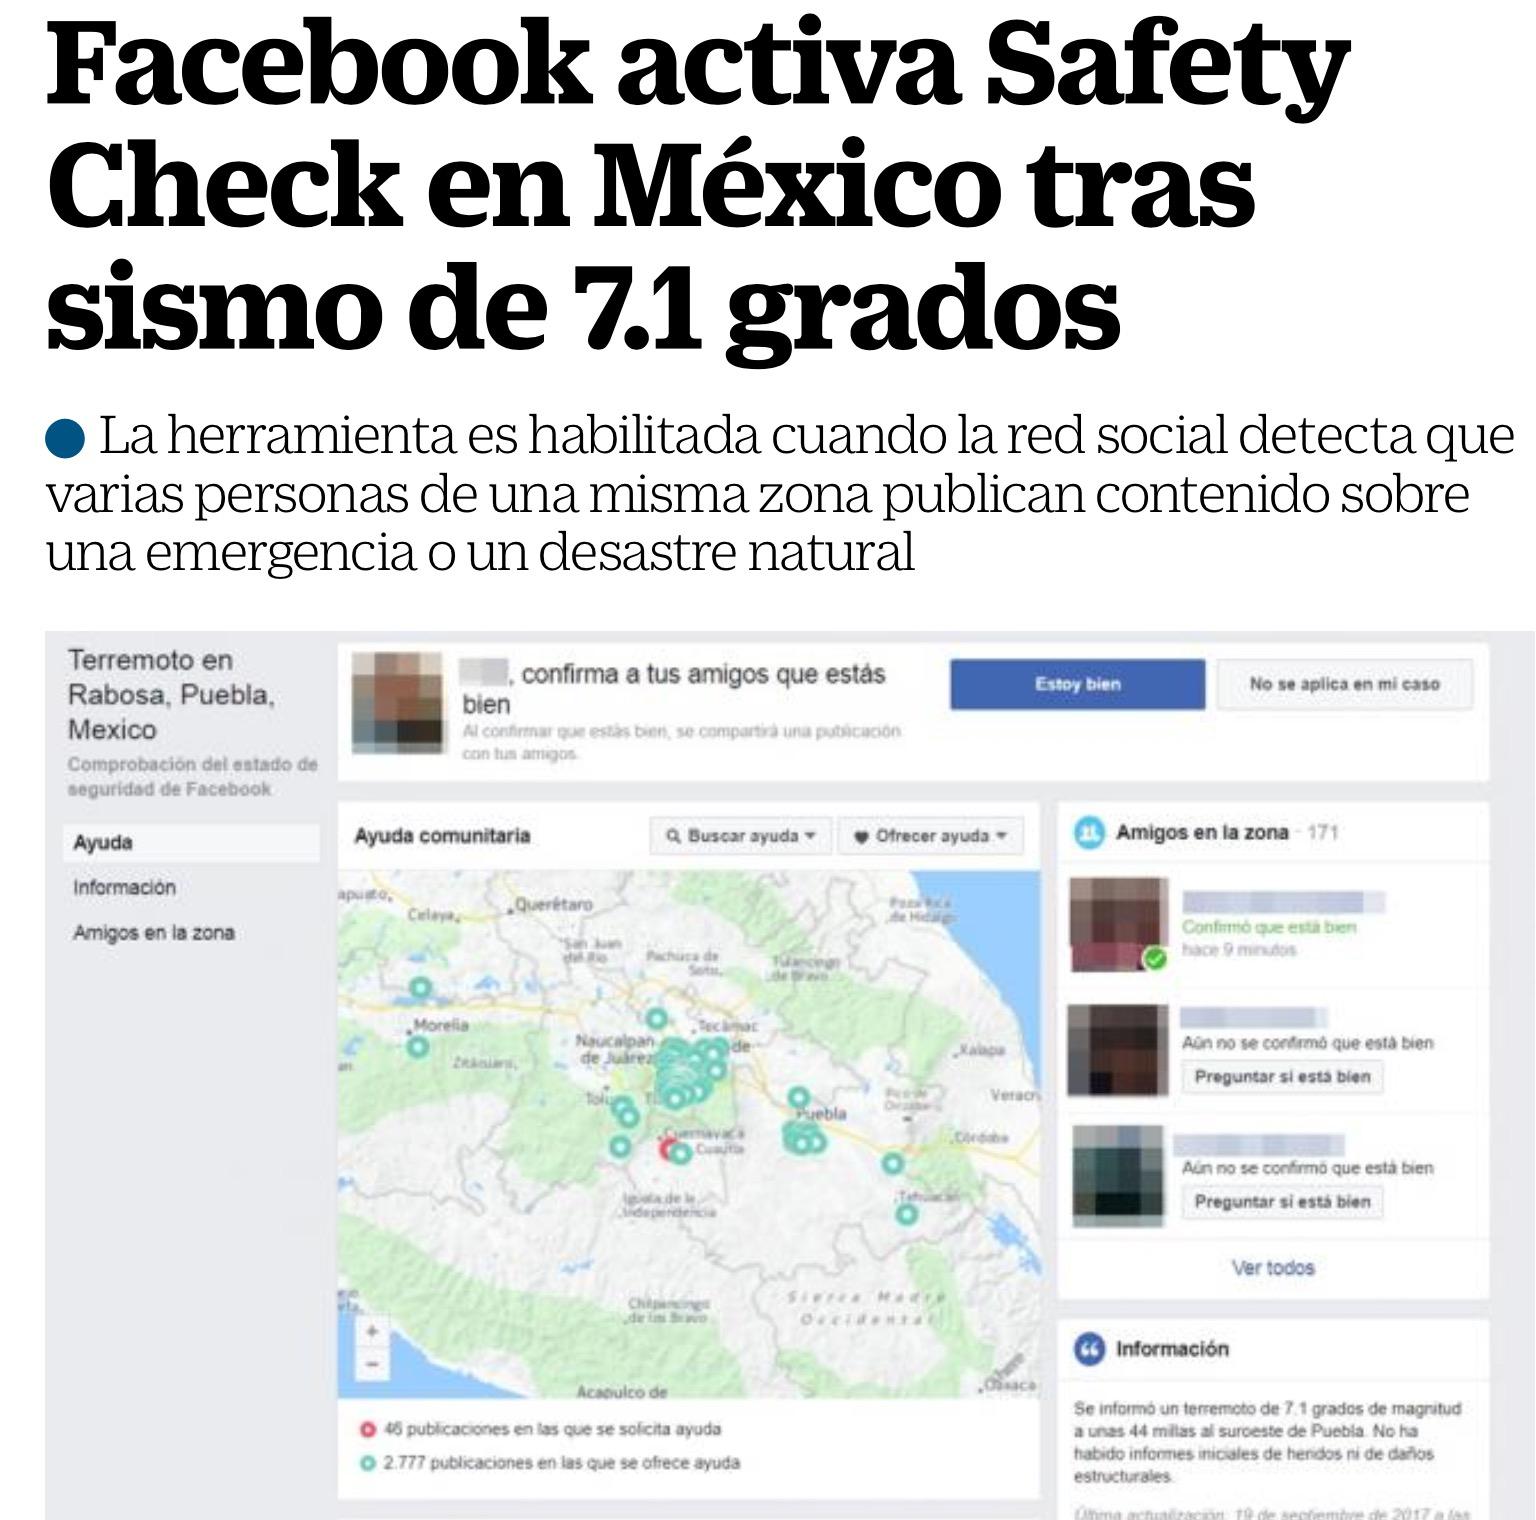 Facebook: confirma a tus amigos que estás bien.